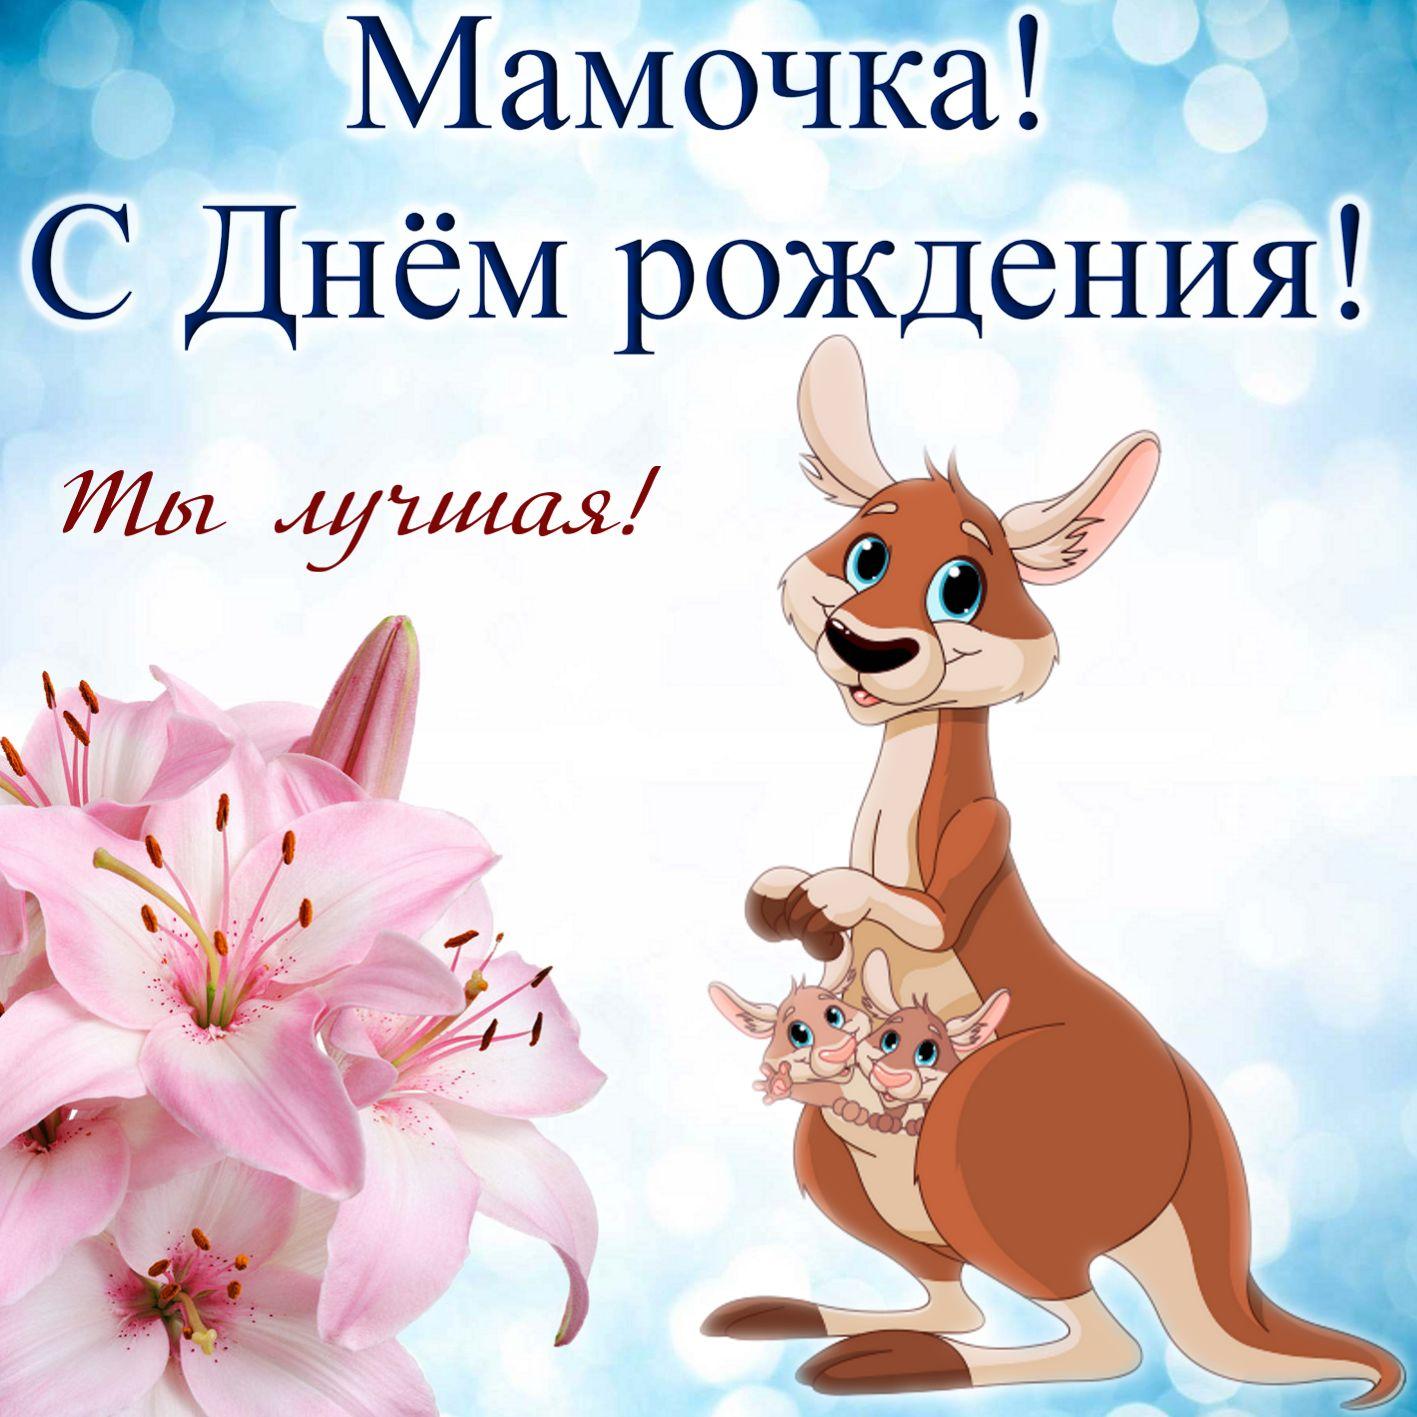 Открытка с Днём рождения маме - мультяшная кенгуру и розовые цветы